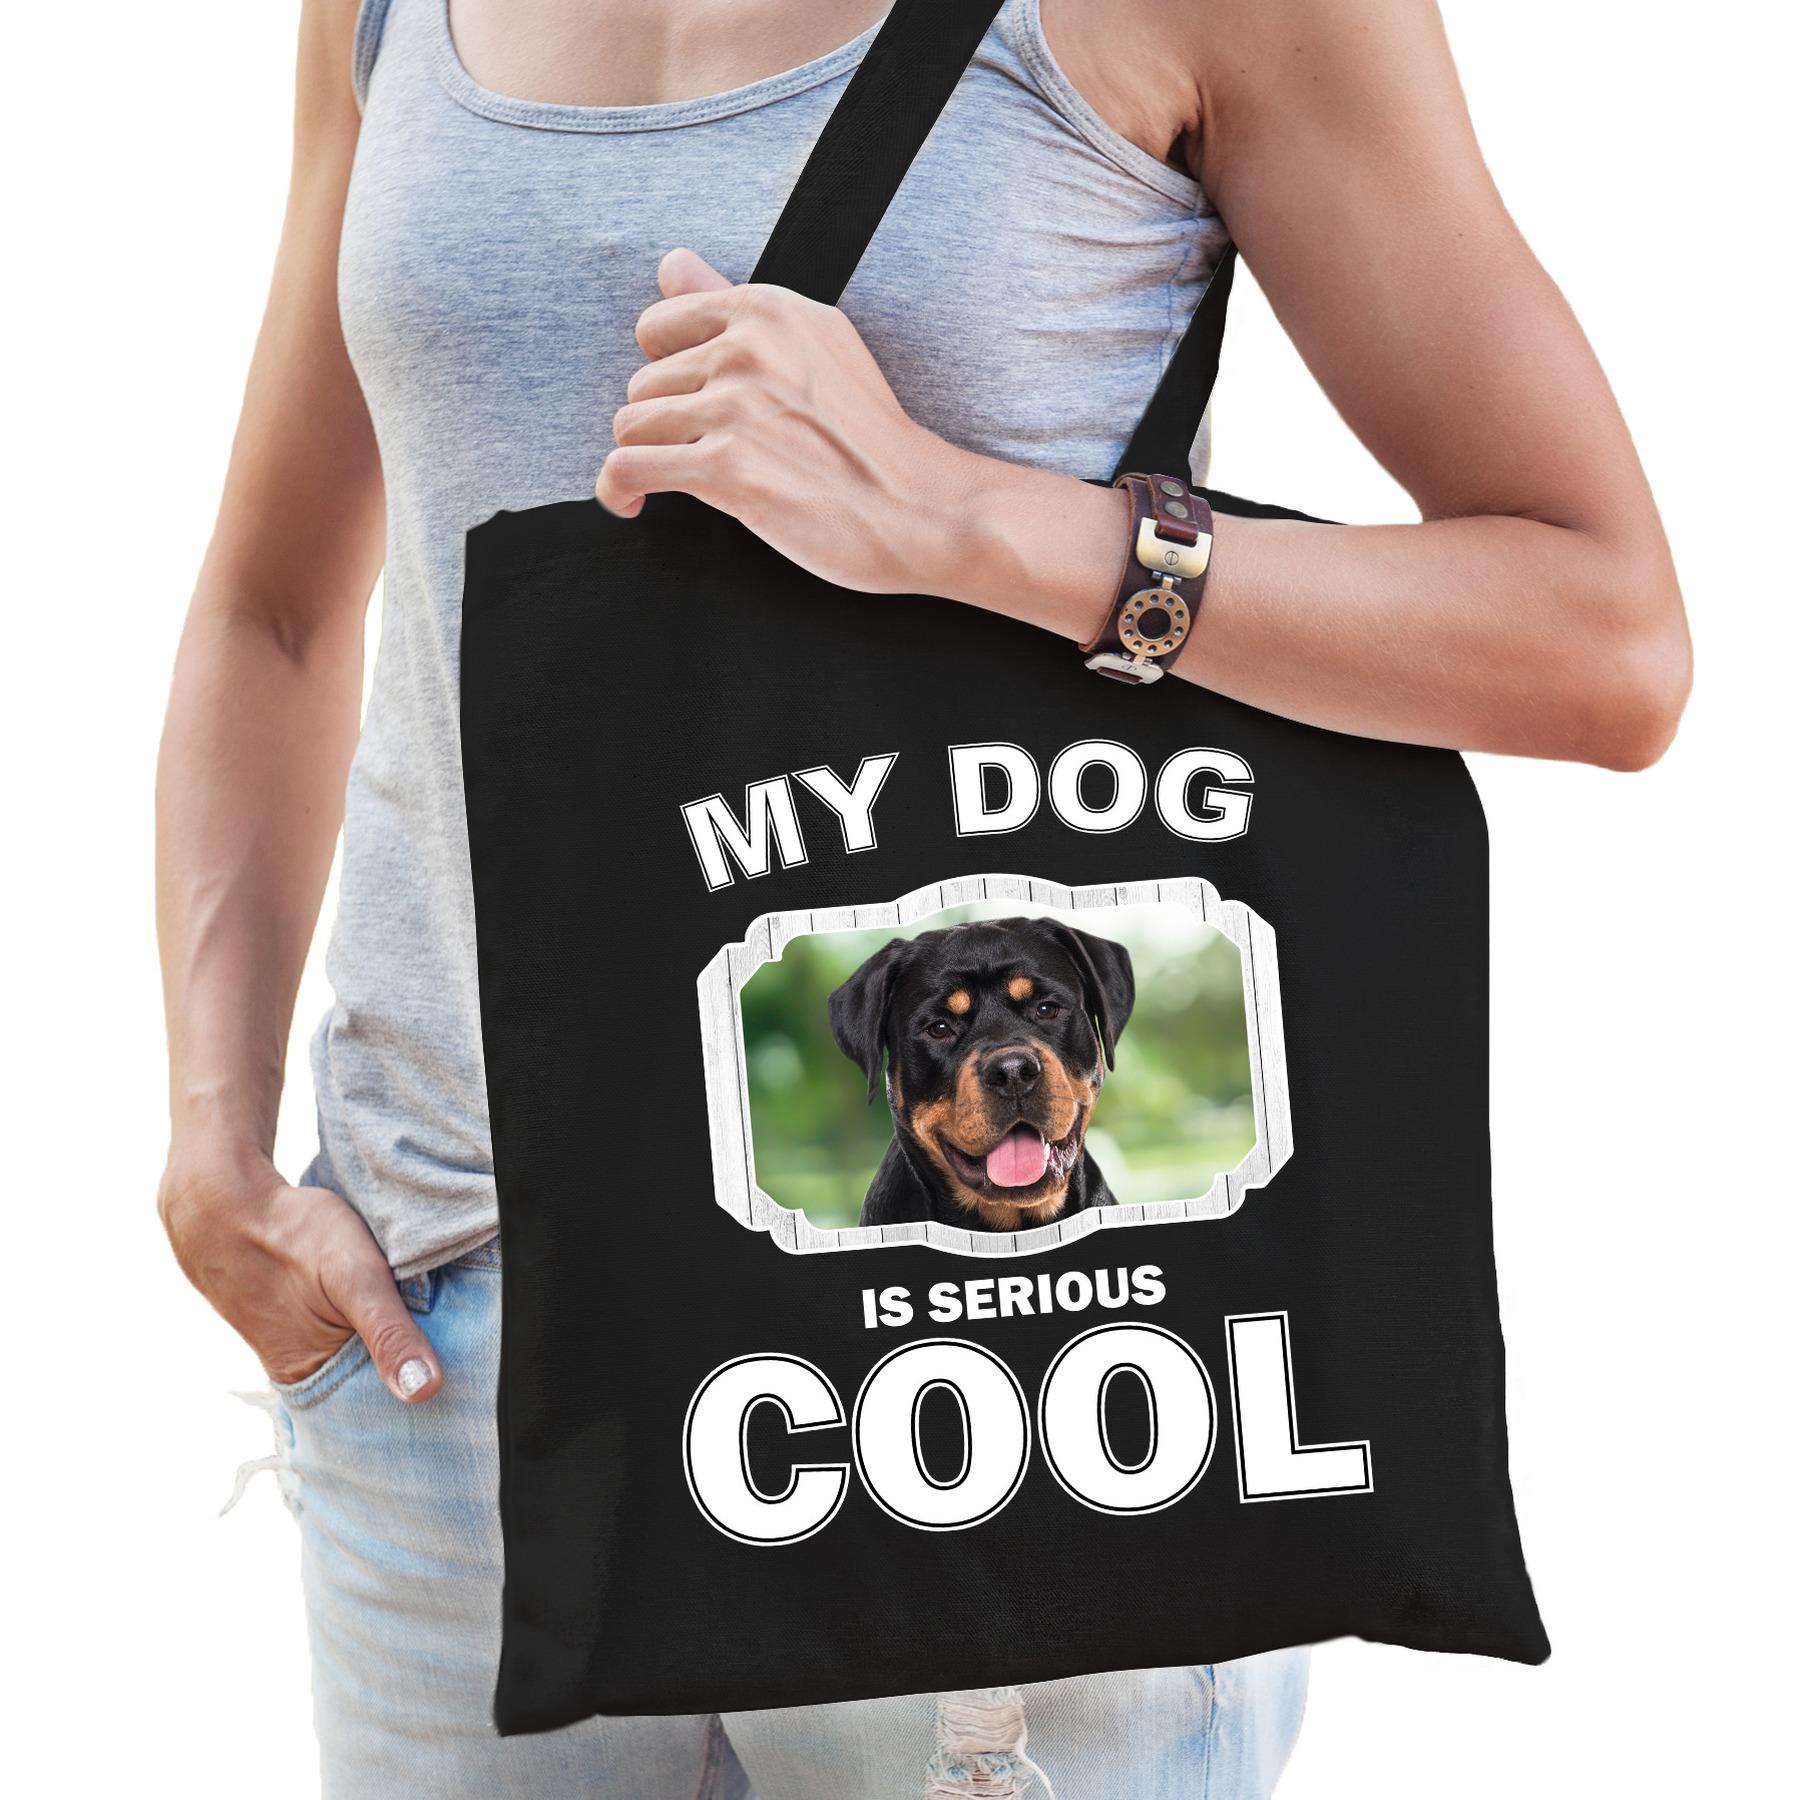 Katoenen tasje my dog is serious cool zwart - Rottweiler honden cadeau tas